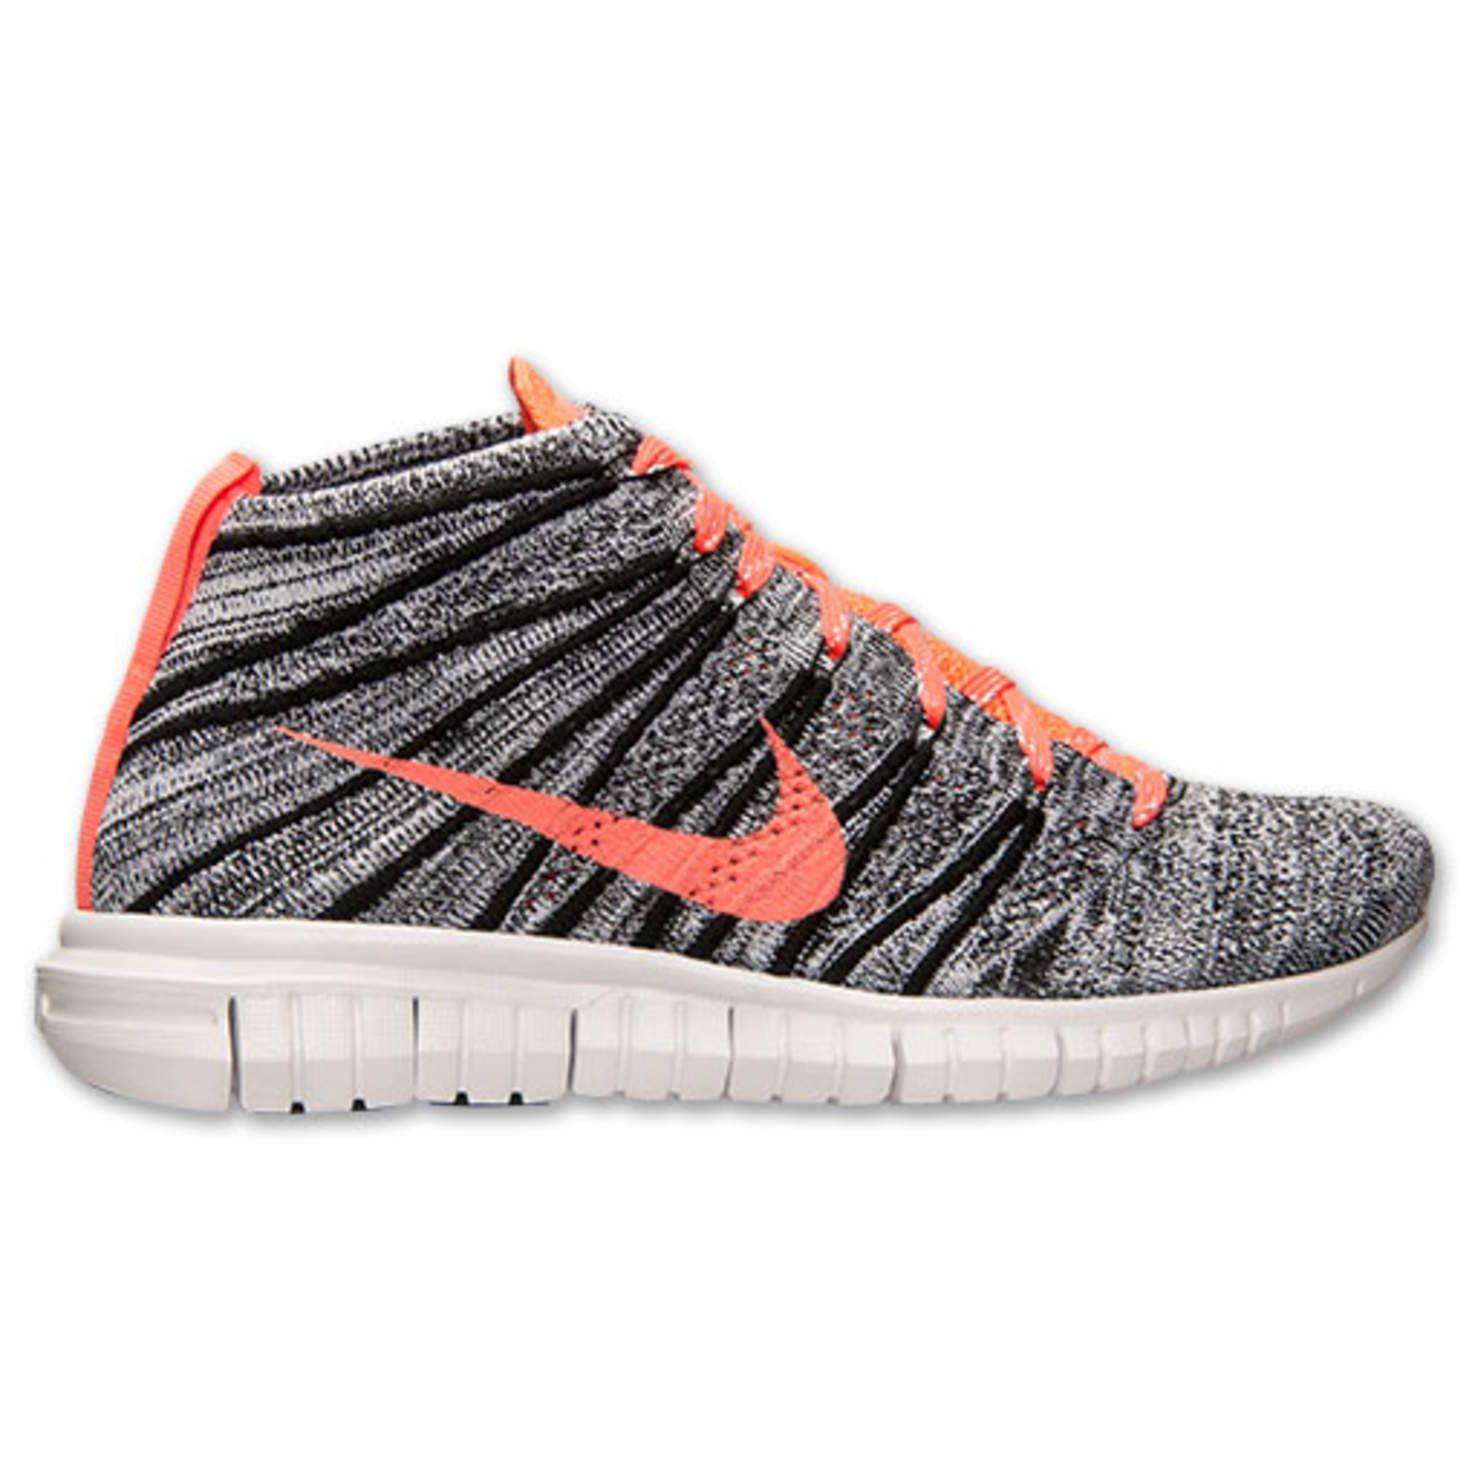 Nike Lunar Flyknit Chukka menta